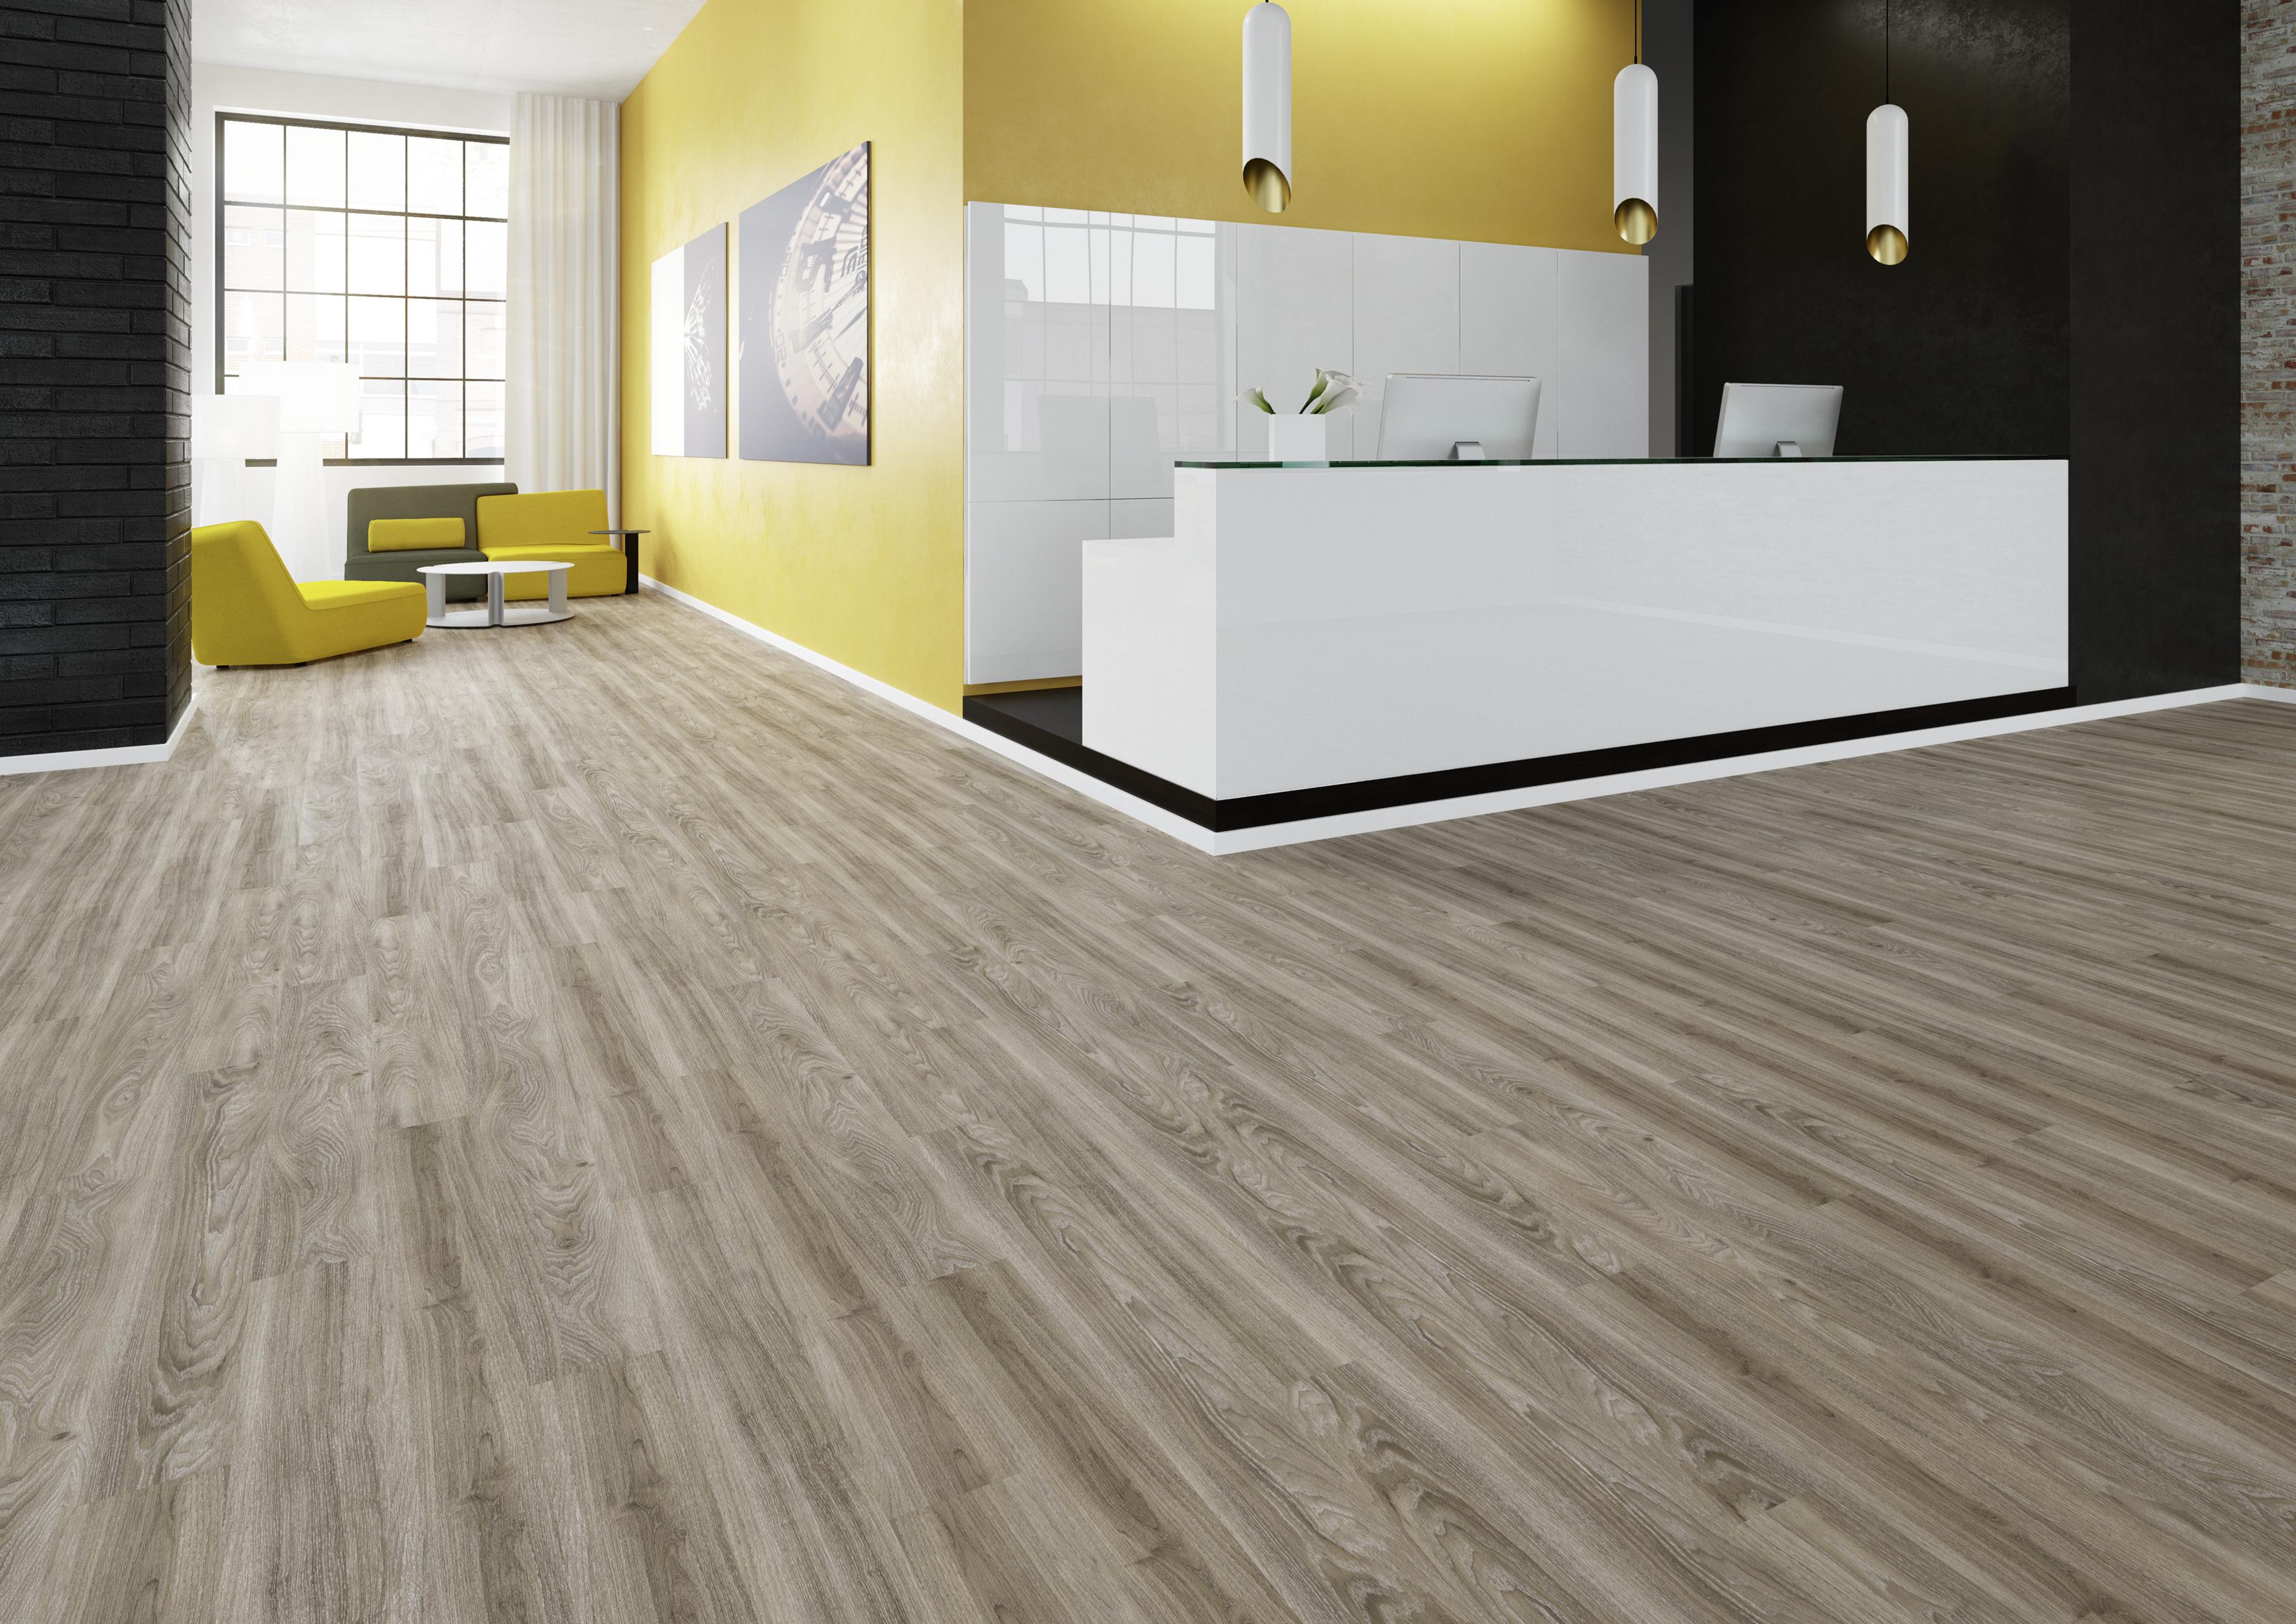 Die Ulme ist ein beliebtes Bodenmotiv. Elegant und robust zugleich, erfüllt dieser Designbodenbelag seinen Zweck mehr denn je. Hier geht´s zur Hersteller-Website: www.joka.de | ©W. & L. Jordan GmbH.